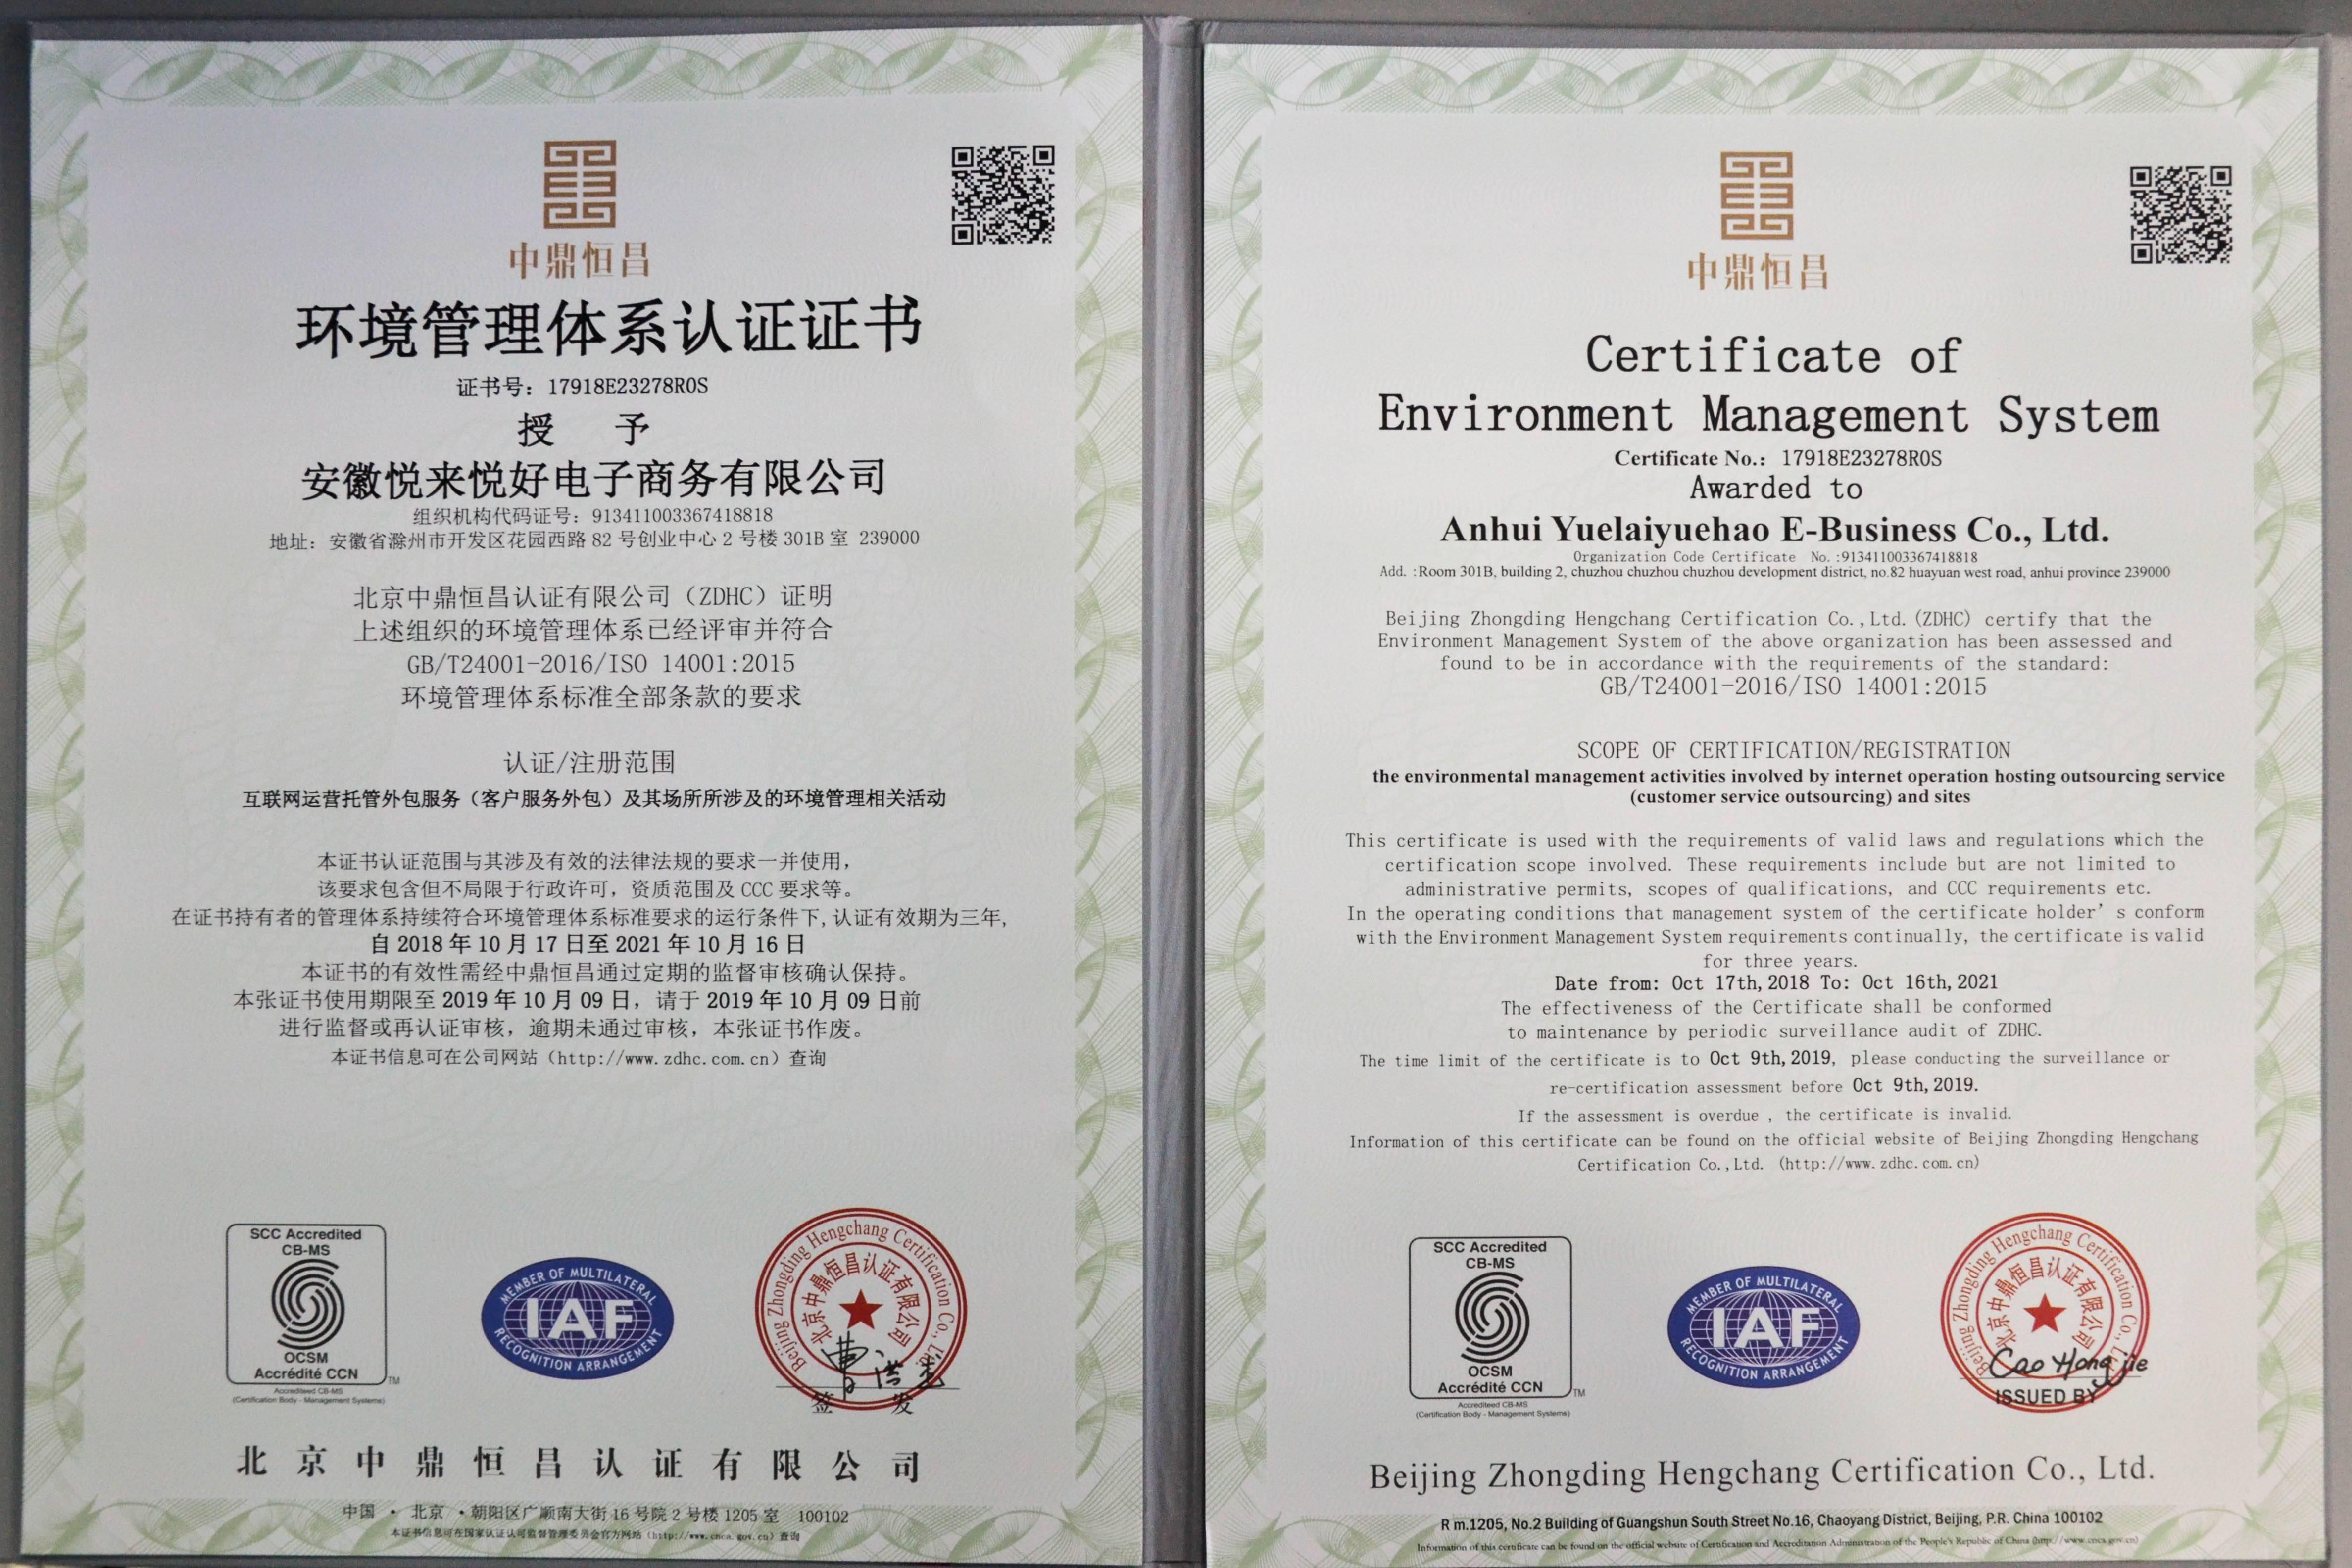 悦来悦好荣获环境管理体系认证证书